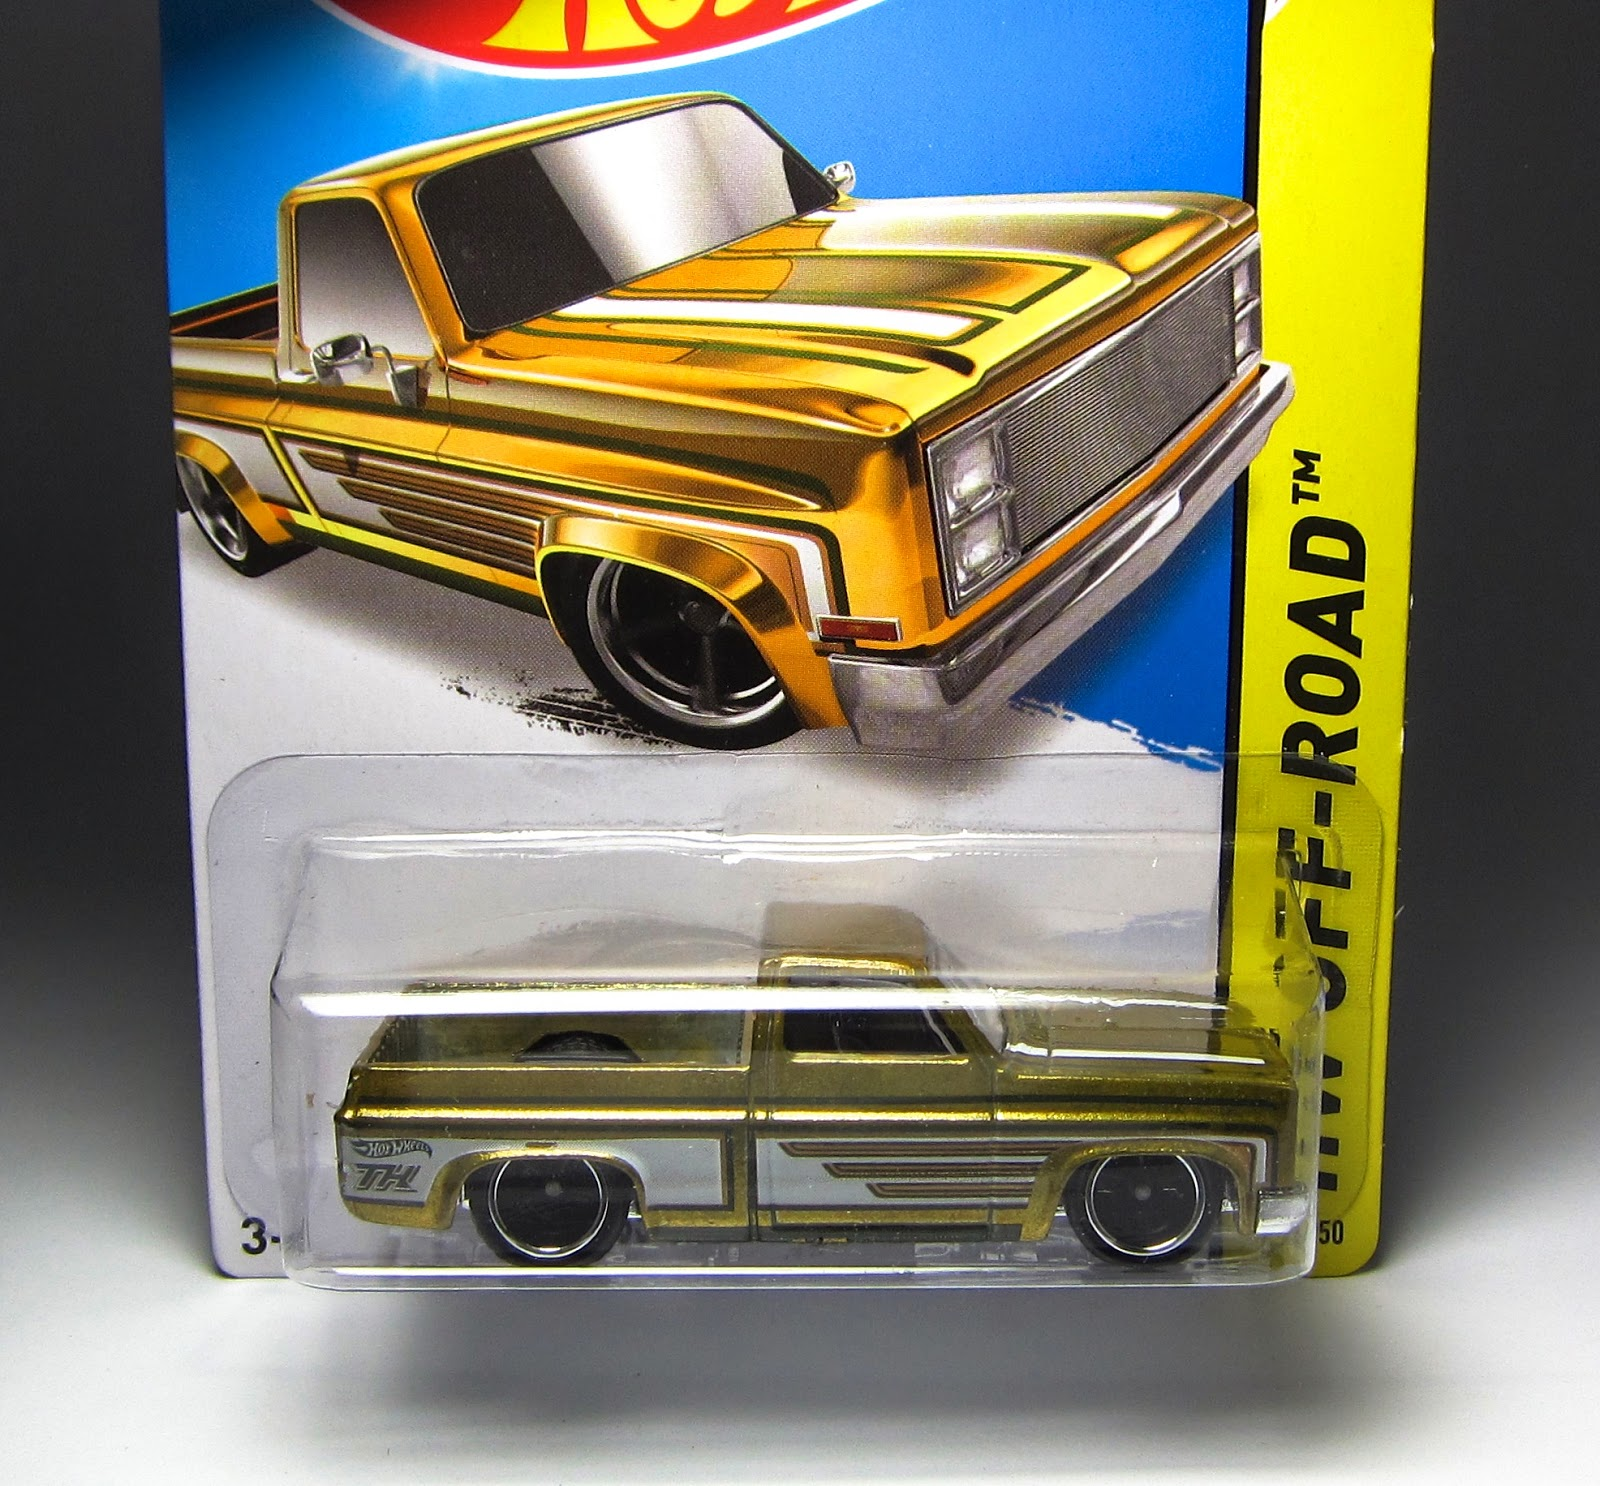 Hot Wheels '83 Chevy Silverado, Part 1 - 2014 Super Treasure Hunt